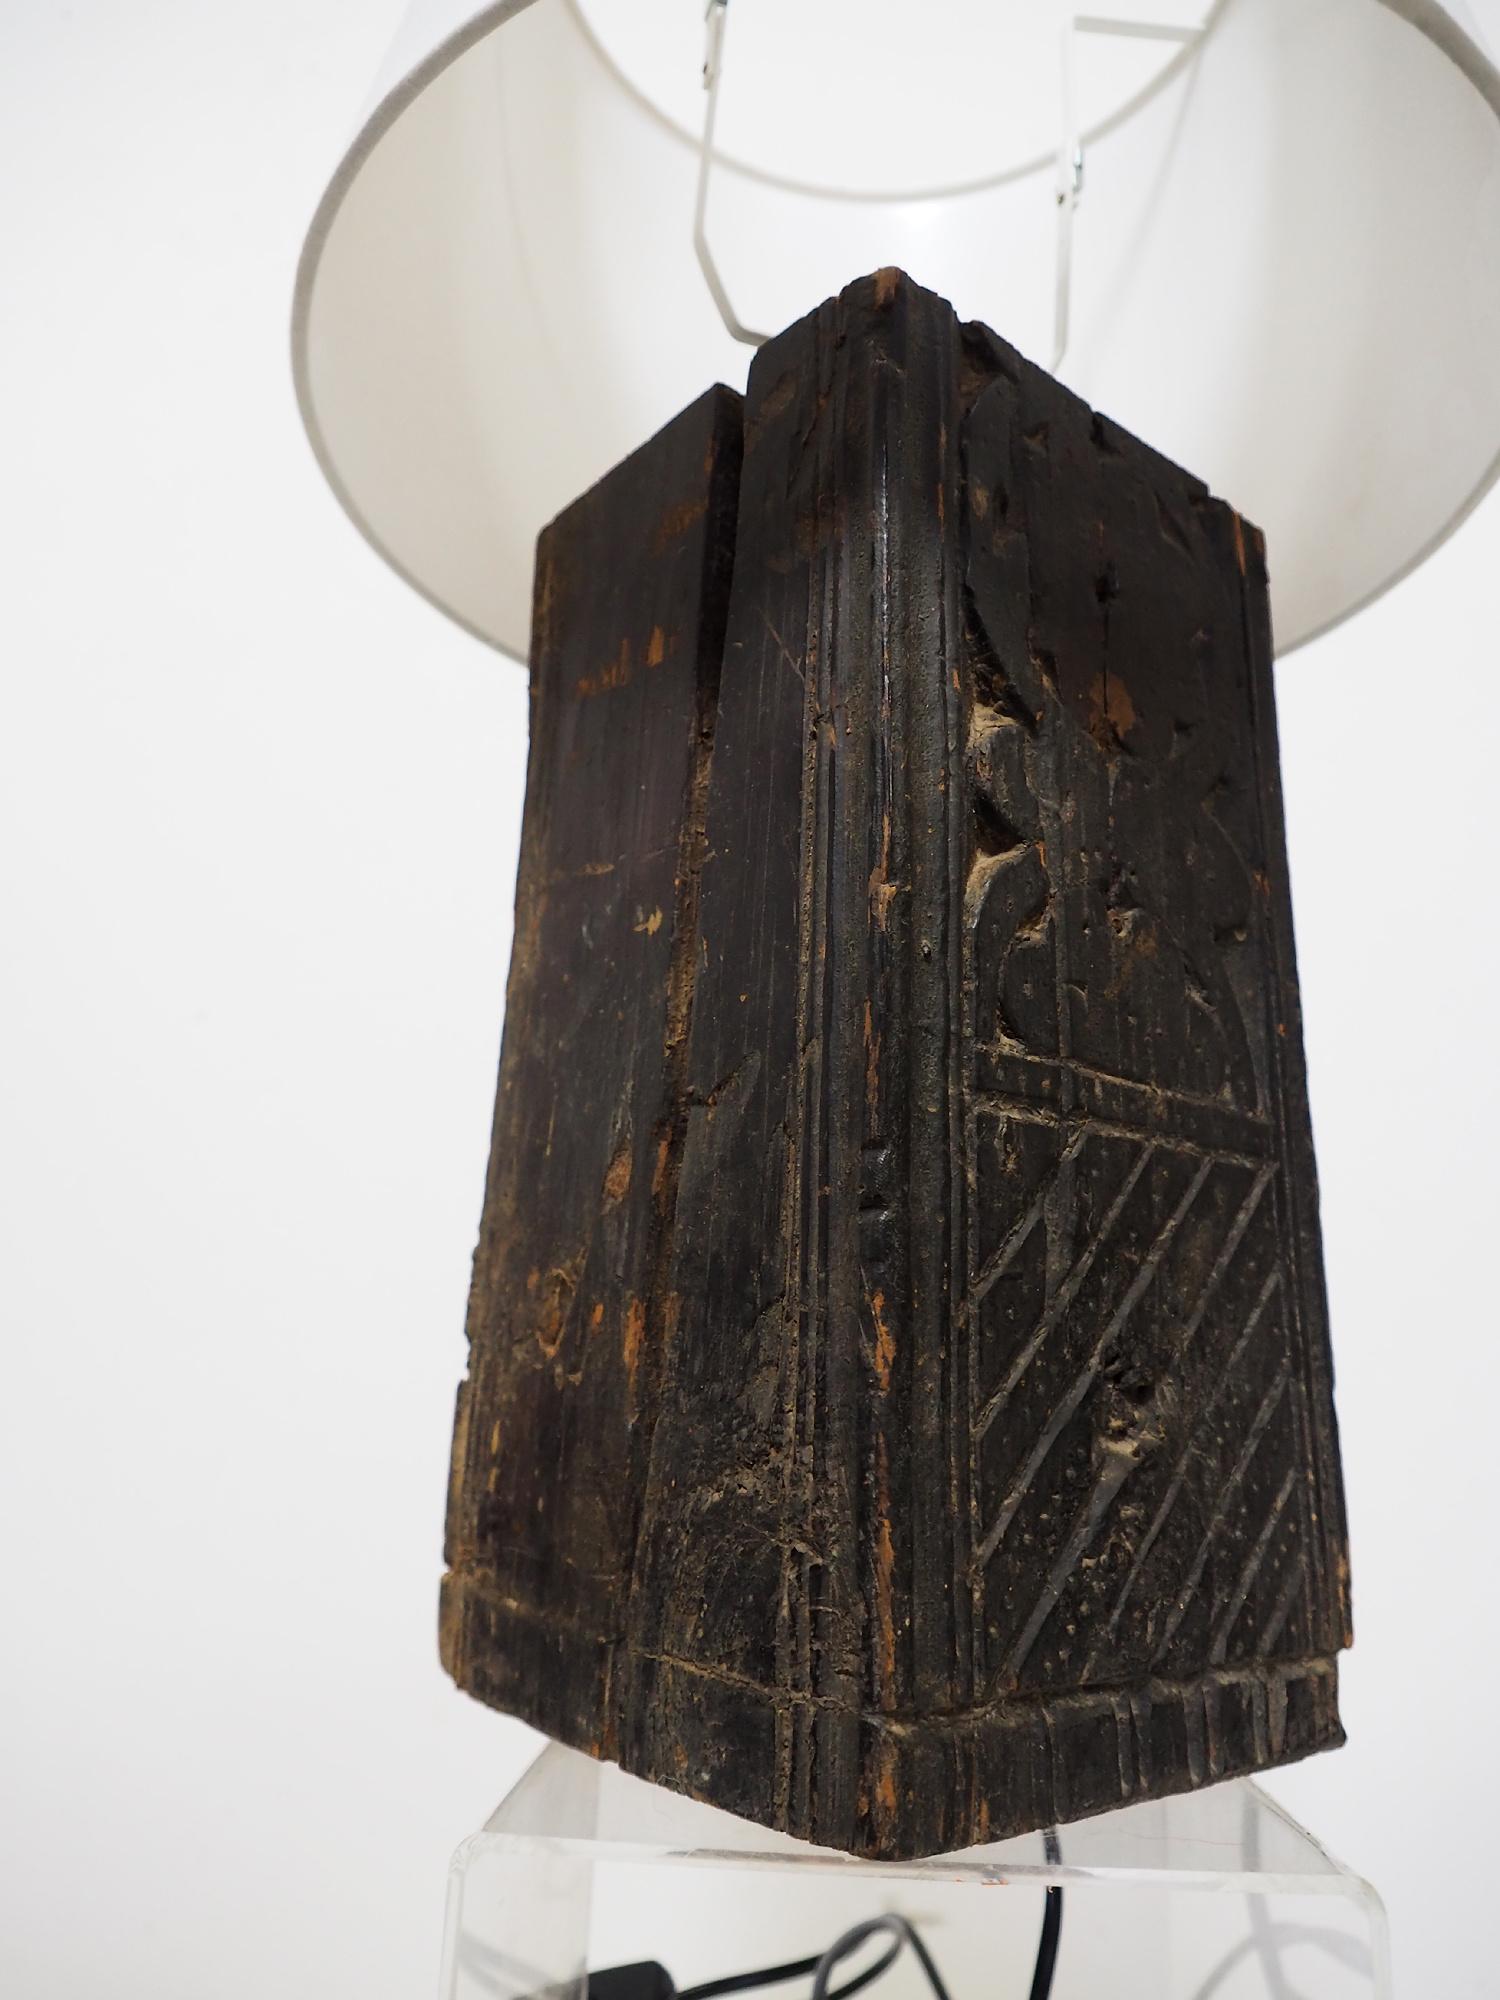 Antique lamp base  Nuristan  19/8